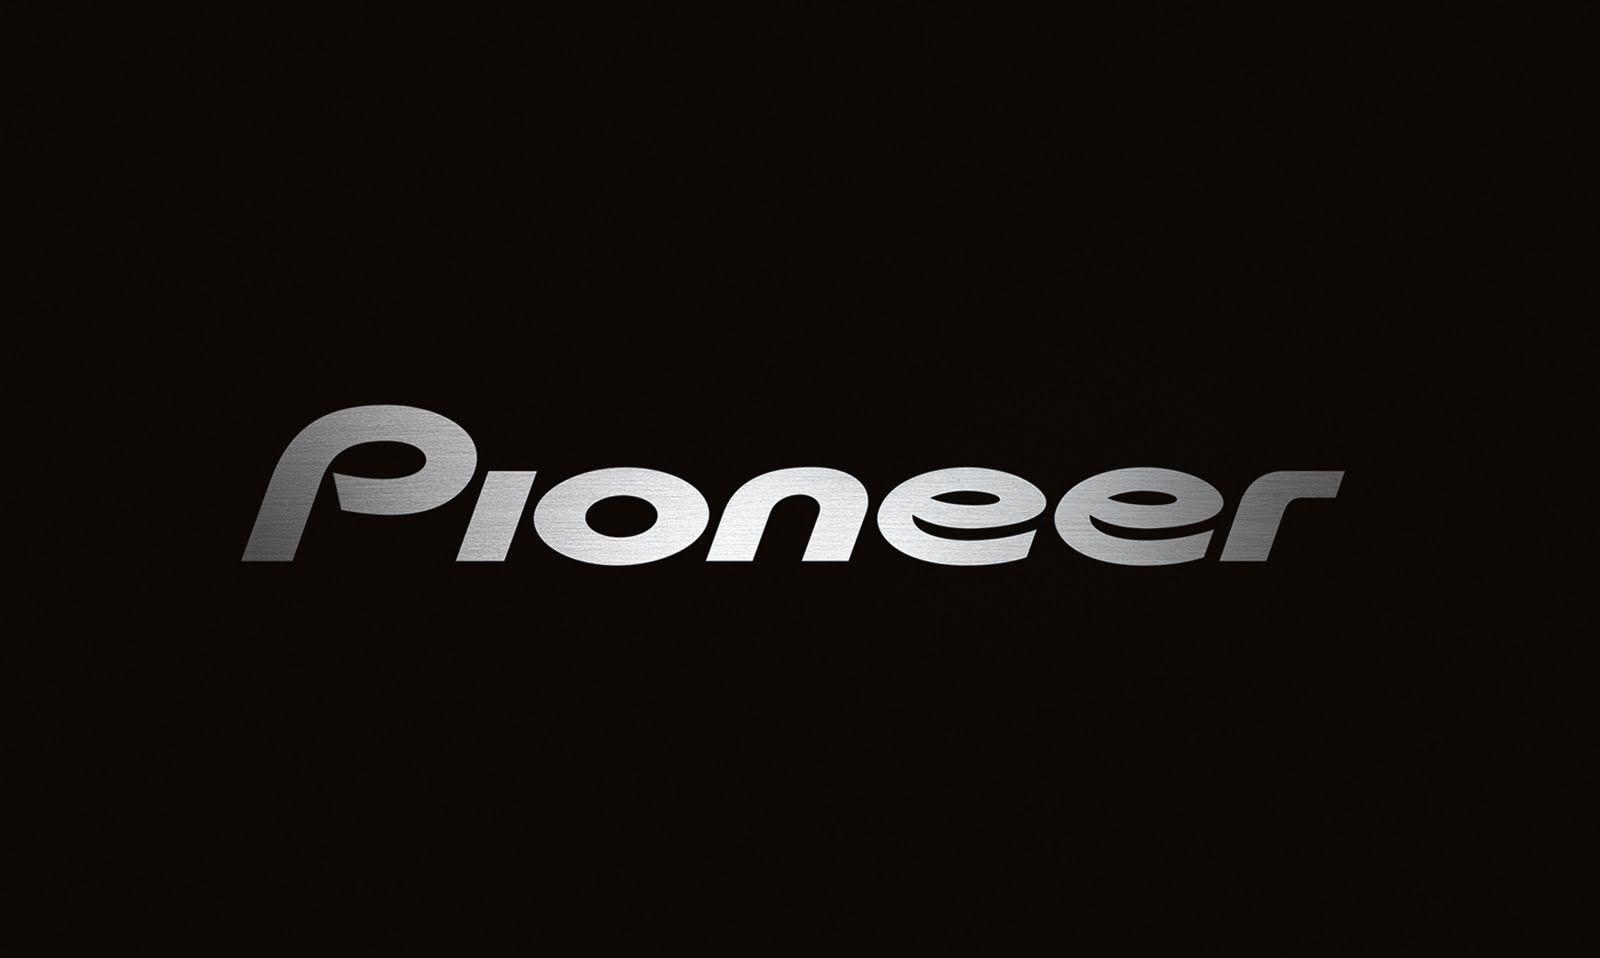 Pioneer Logo HD Wallpaper Widescreen | Música de dj, Imagenes de dj,  Calcomanías para coches